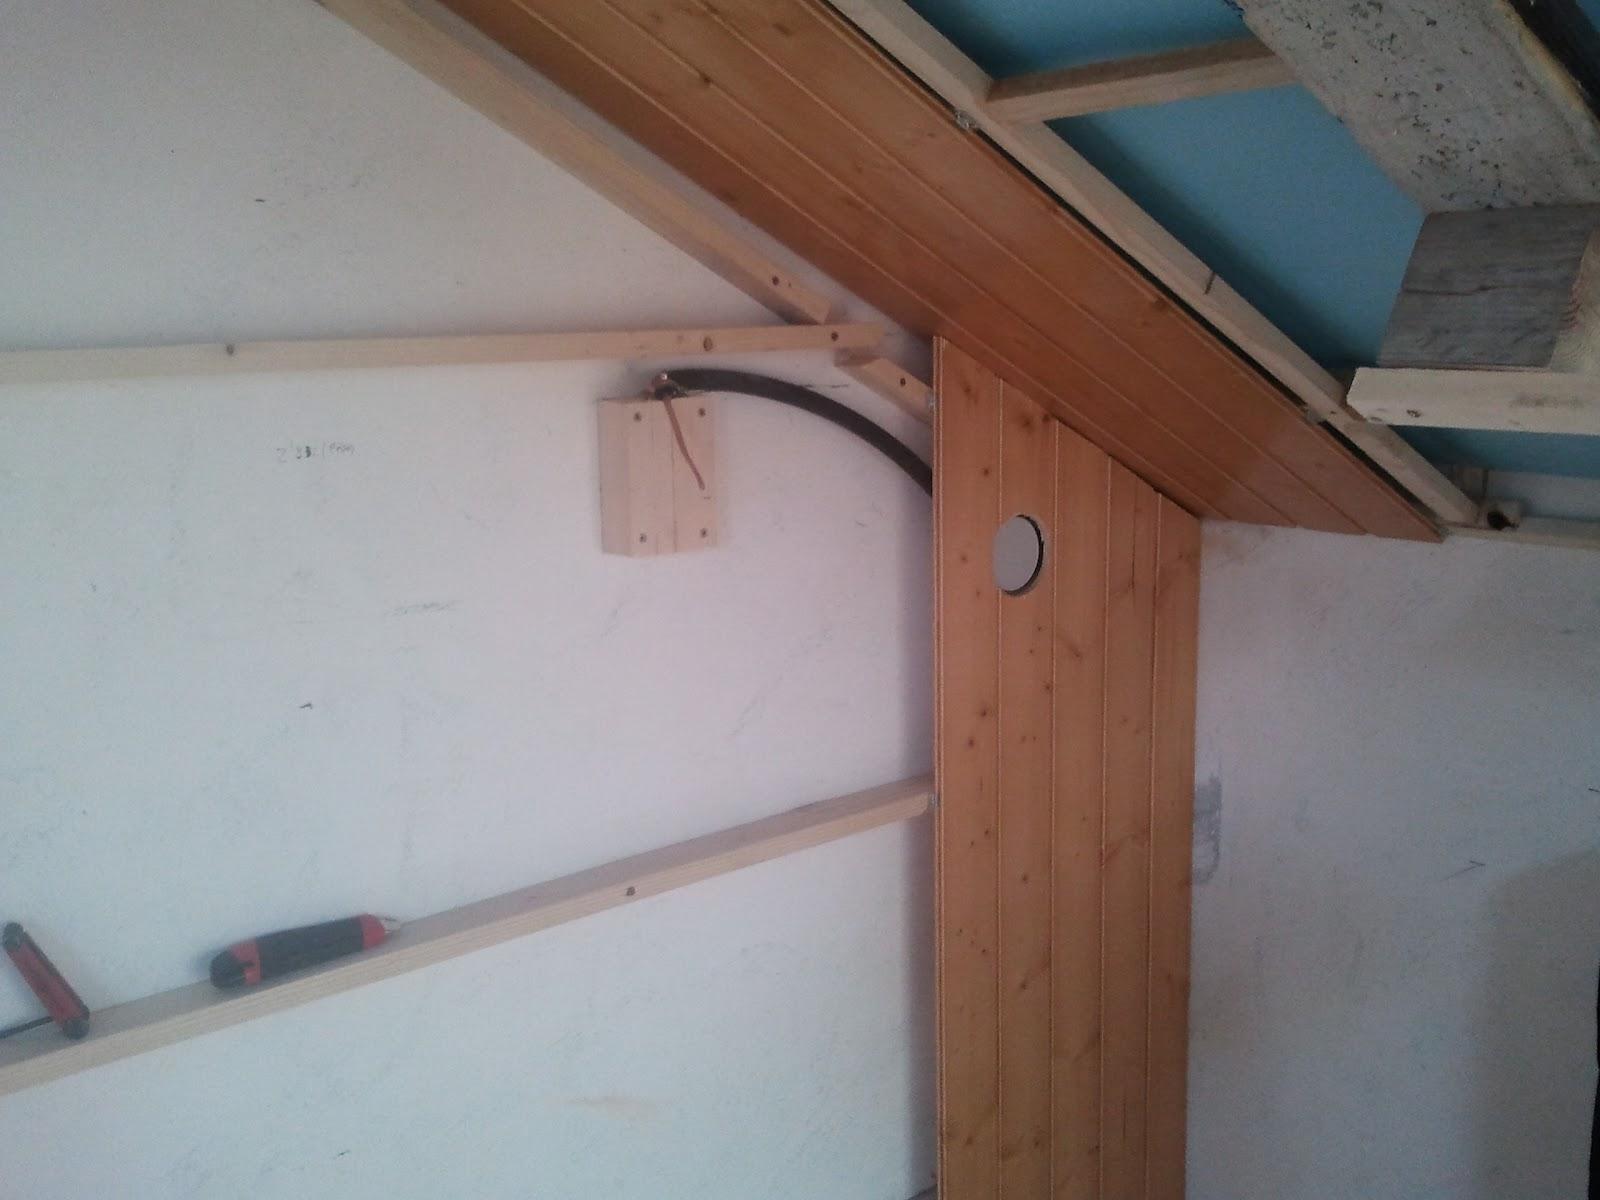 Mibricogqg forrar con friso abeto barnizado 70 metros de - Friso en techo ...